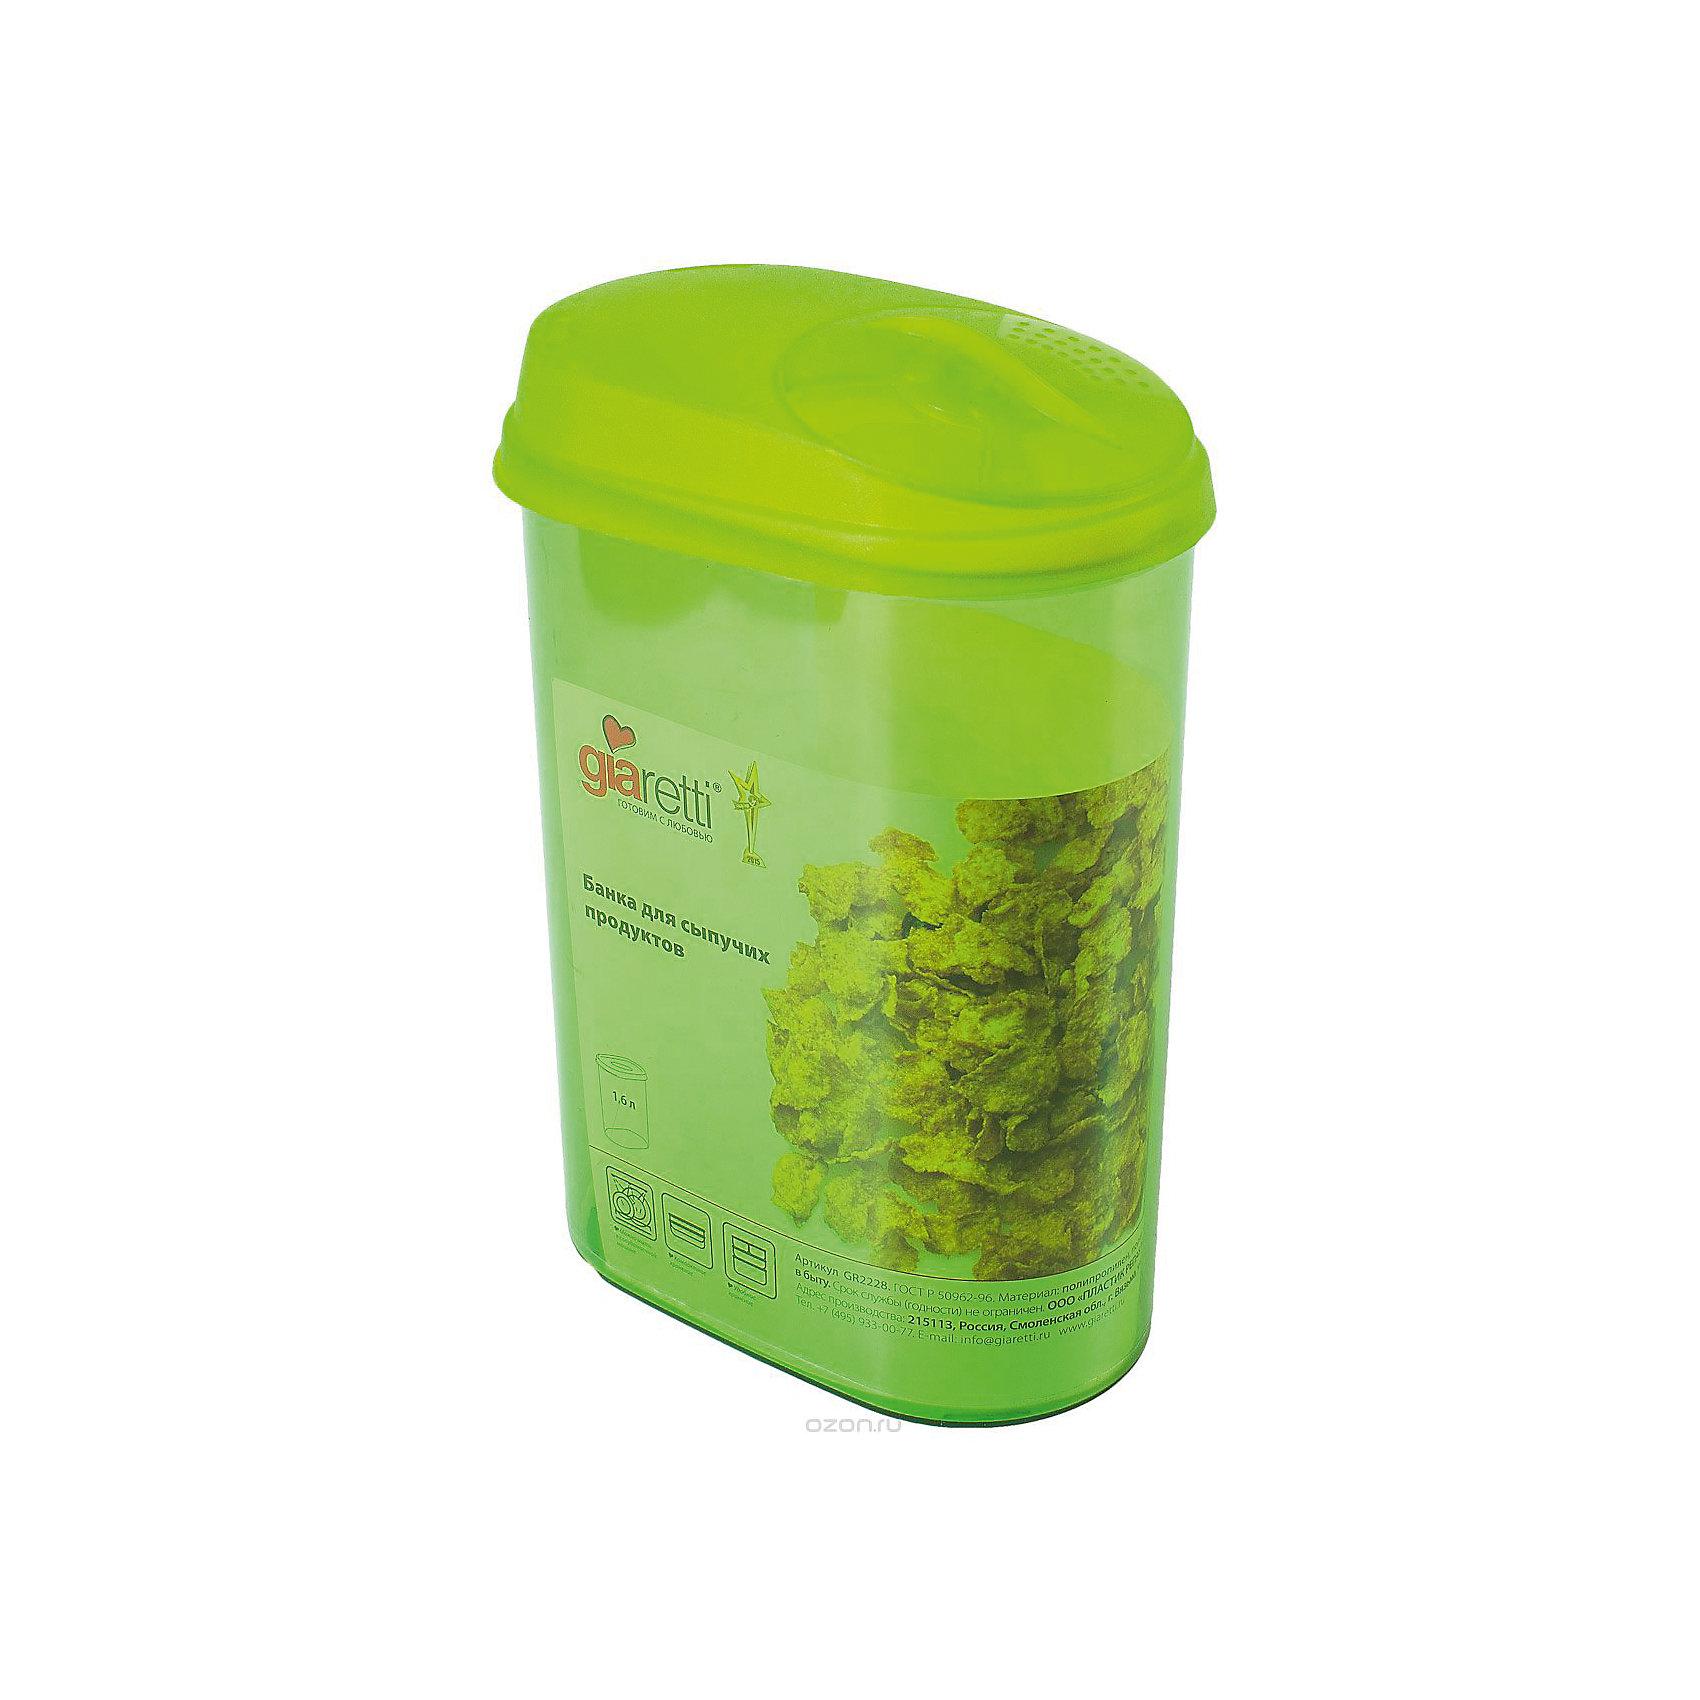 Банка для сыпучих продуктов с дозатором 1,6 л, GiarettiПосуда<br>Банка для сыпучих продуктов предназначена для хранения круп, сахара, макаронных изделий и т.п., в том числе для продуктов с ярким ароматом (специи и пр.). Плотно прилегающая крышка не пропускает запахи содержимого в шкаф для хранения, при этом продукт не теряет своего аромата. Двойной дозатор предназначен для мелких и крупных сыпучих продуктов. Банки легко устанавливаются одна на другую.<br><br>Ширина мм: 155<br>Глубина мм: 90<br>Высота мм: 210<br>Вес г: 193<br>Возраст от месяцев: 216<br>Возраст до месяцев: 1188<br>Пол: Унисекс<br>Возраст: Детский<br>SKU: 5545634